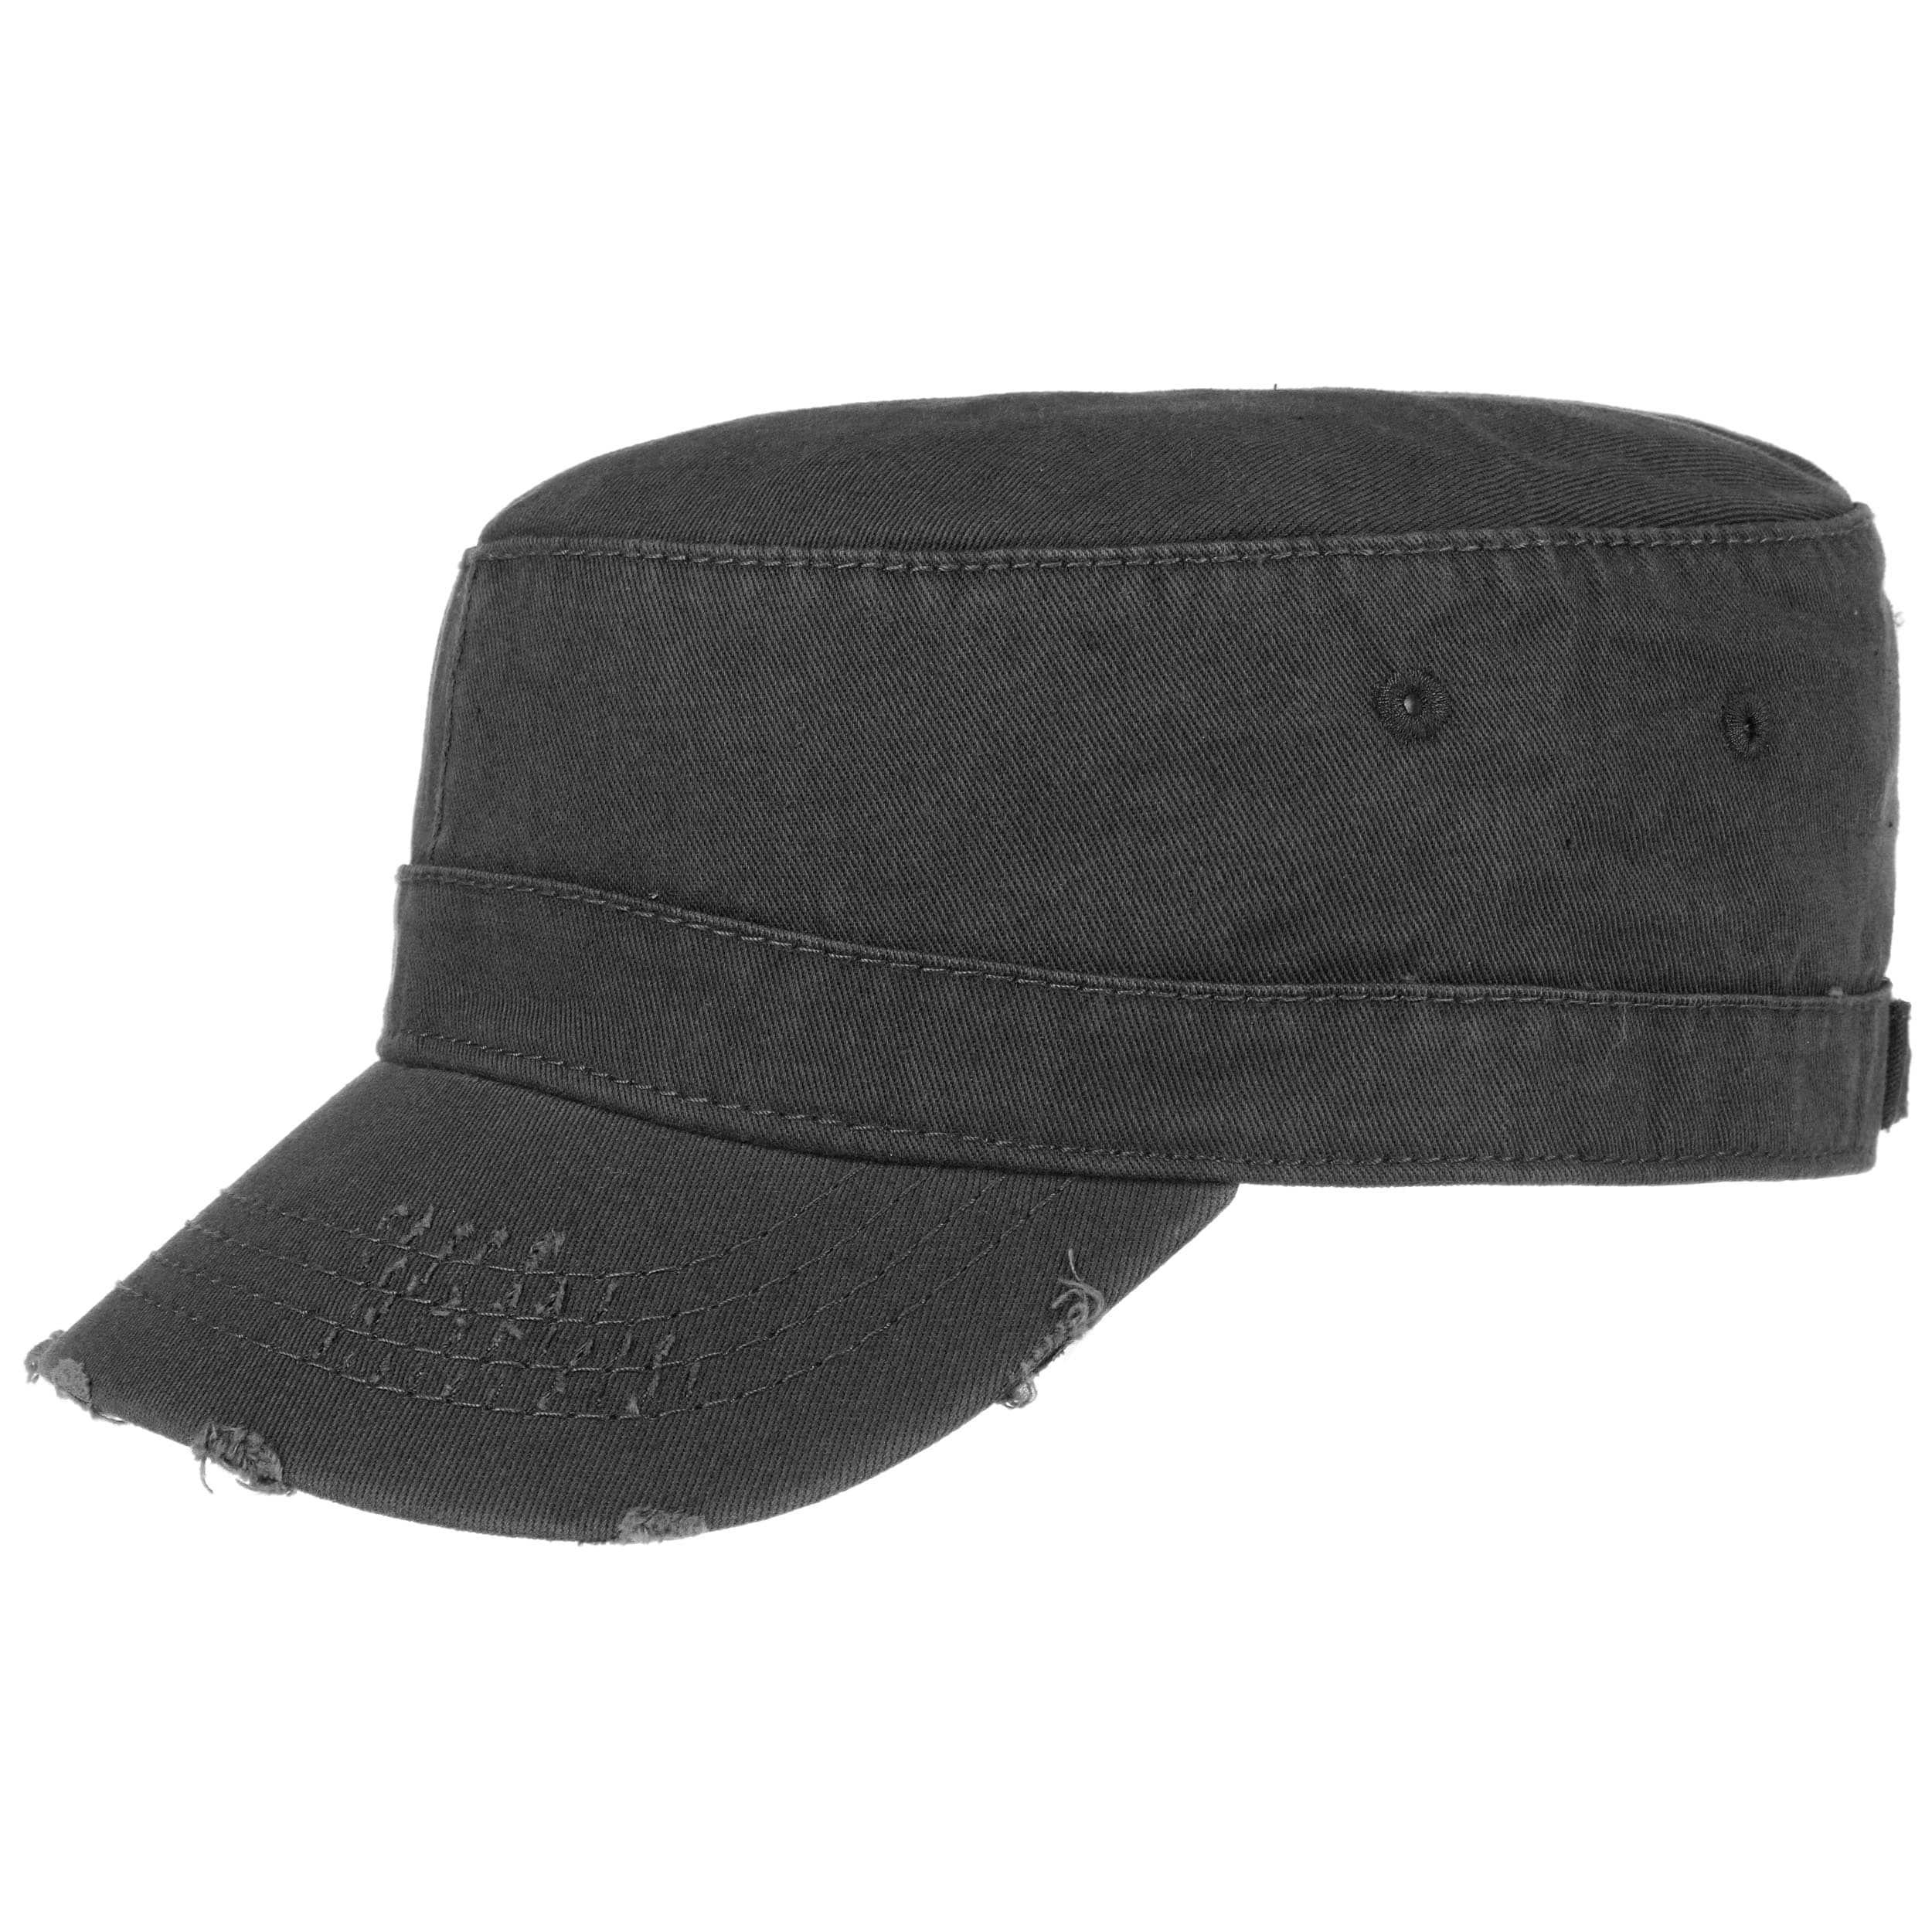 ... Urban Army Destroyed Cap - black 5 ... f679bf45635